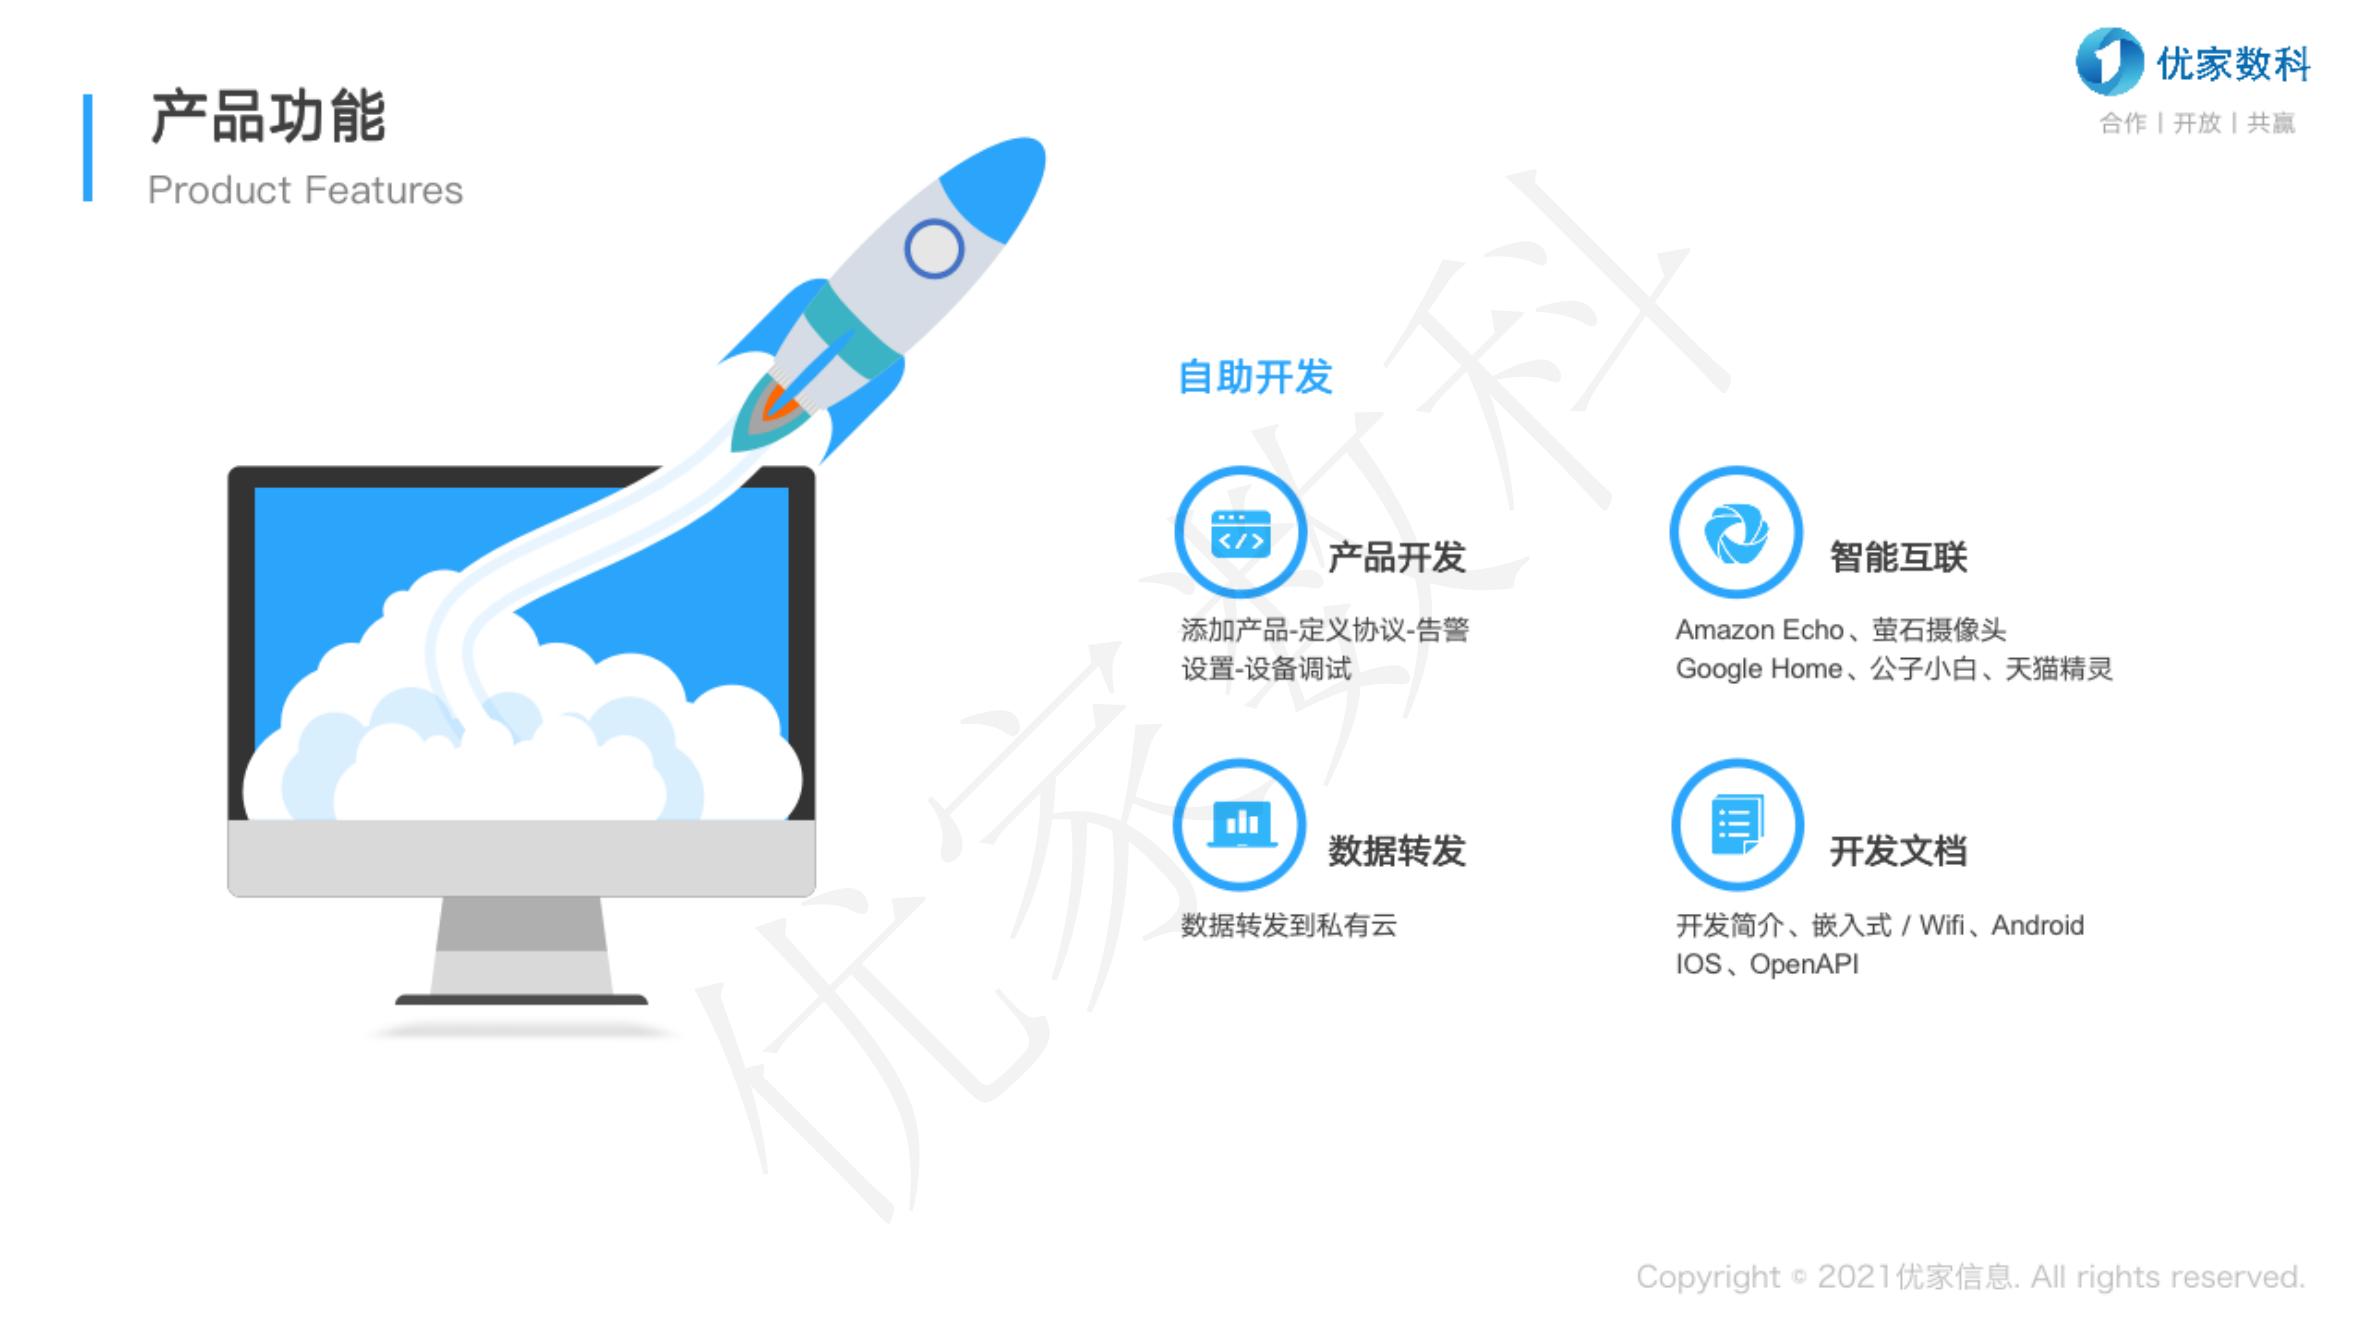 15优家数科自助开发及运营平台简介(水印)_05.png